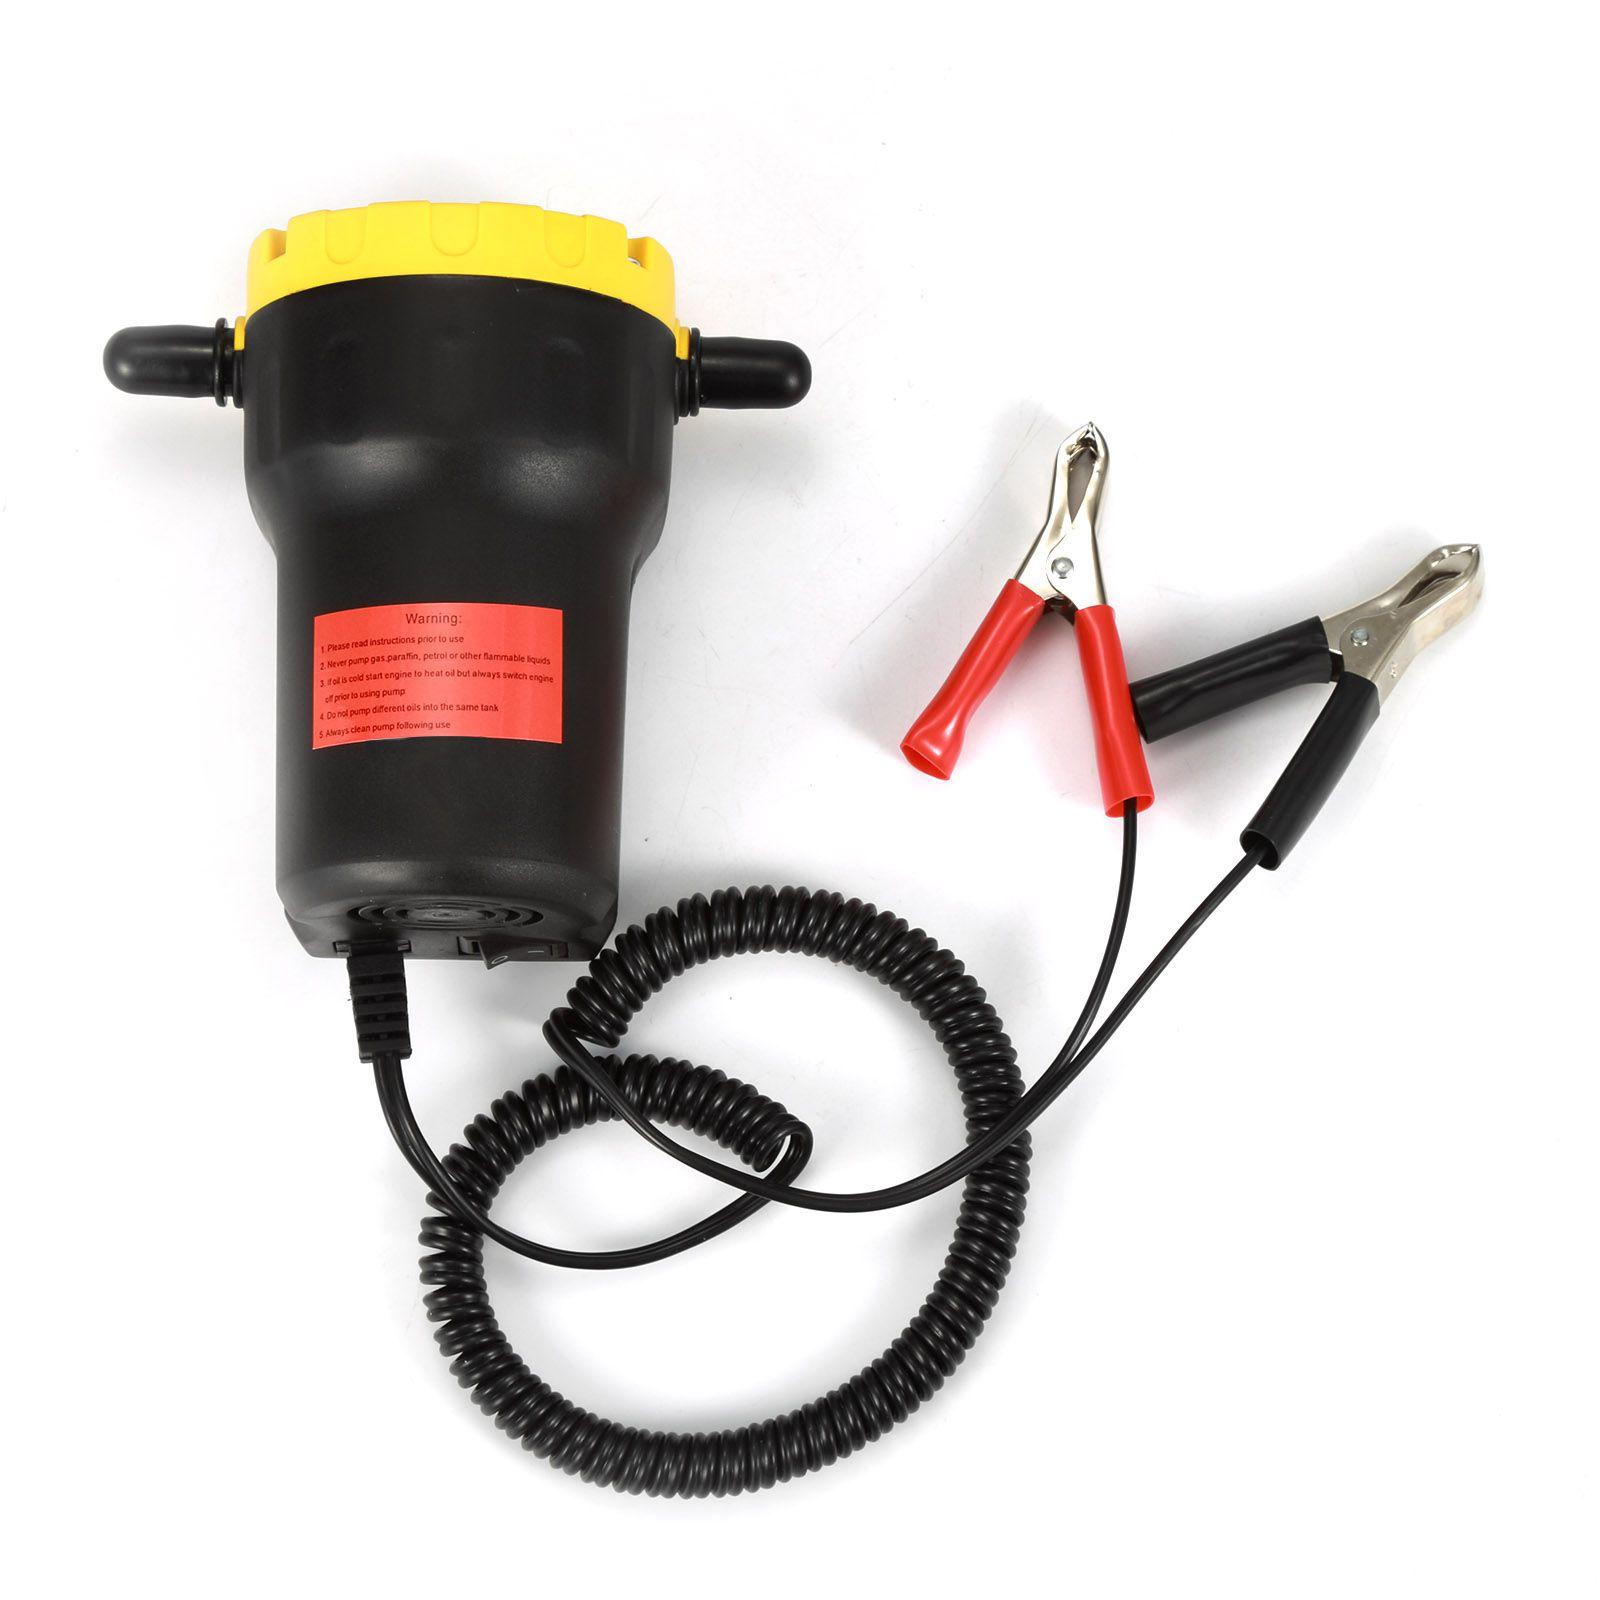 JL Pompe de vidange huile moteur par aspiration 12V - JLDFN823AA2080